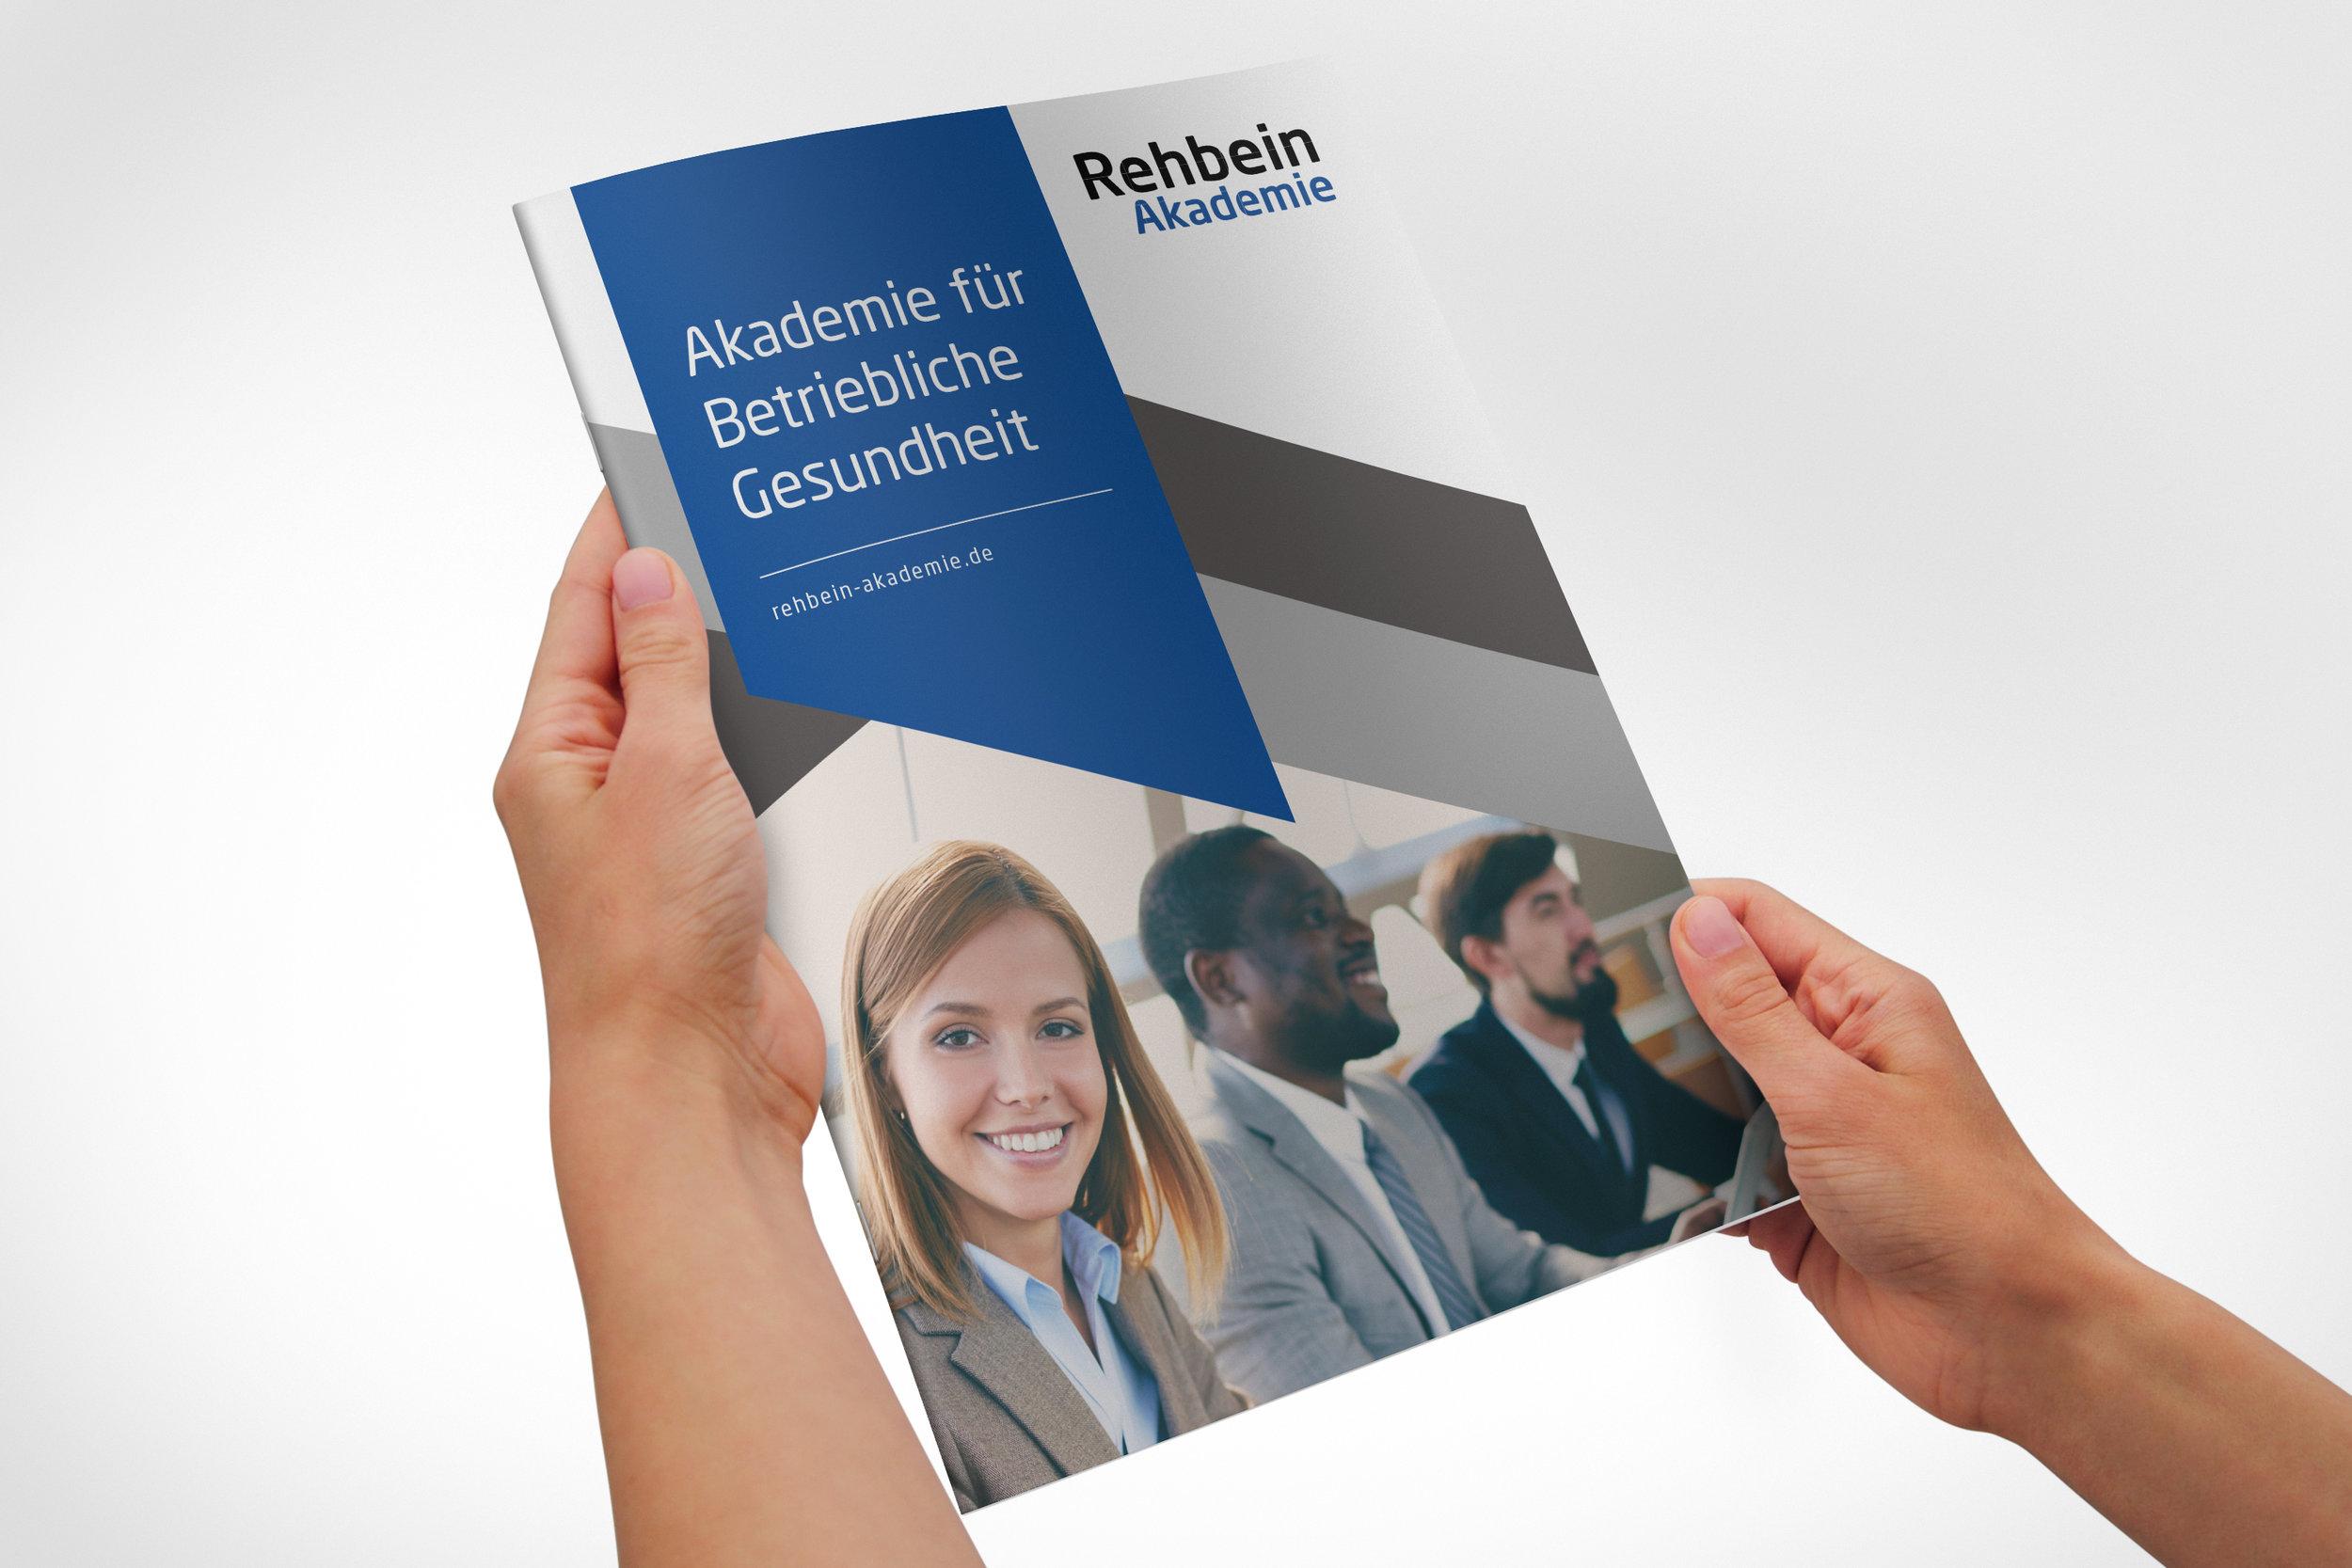 Rehbein Akademie Kompetenzbroschüre Akademie für Betriebliche Gesundheit